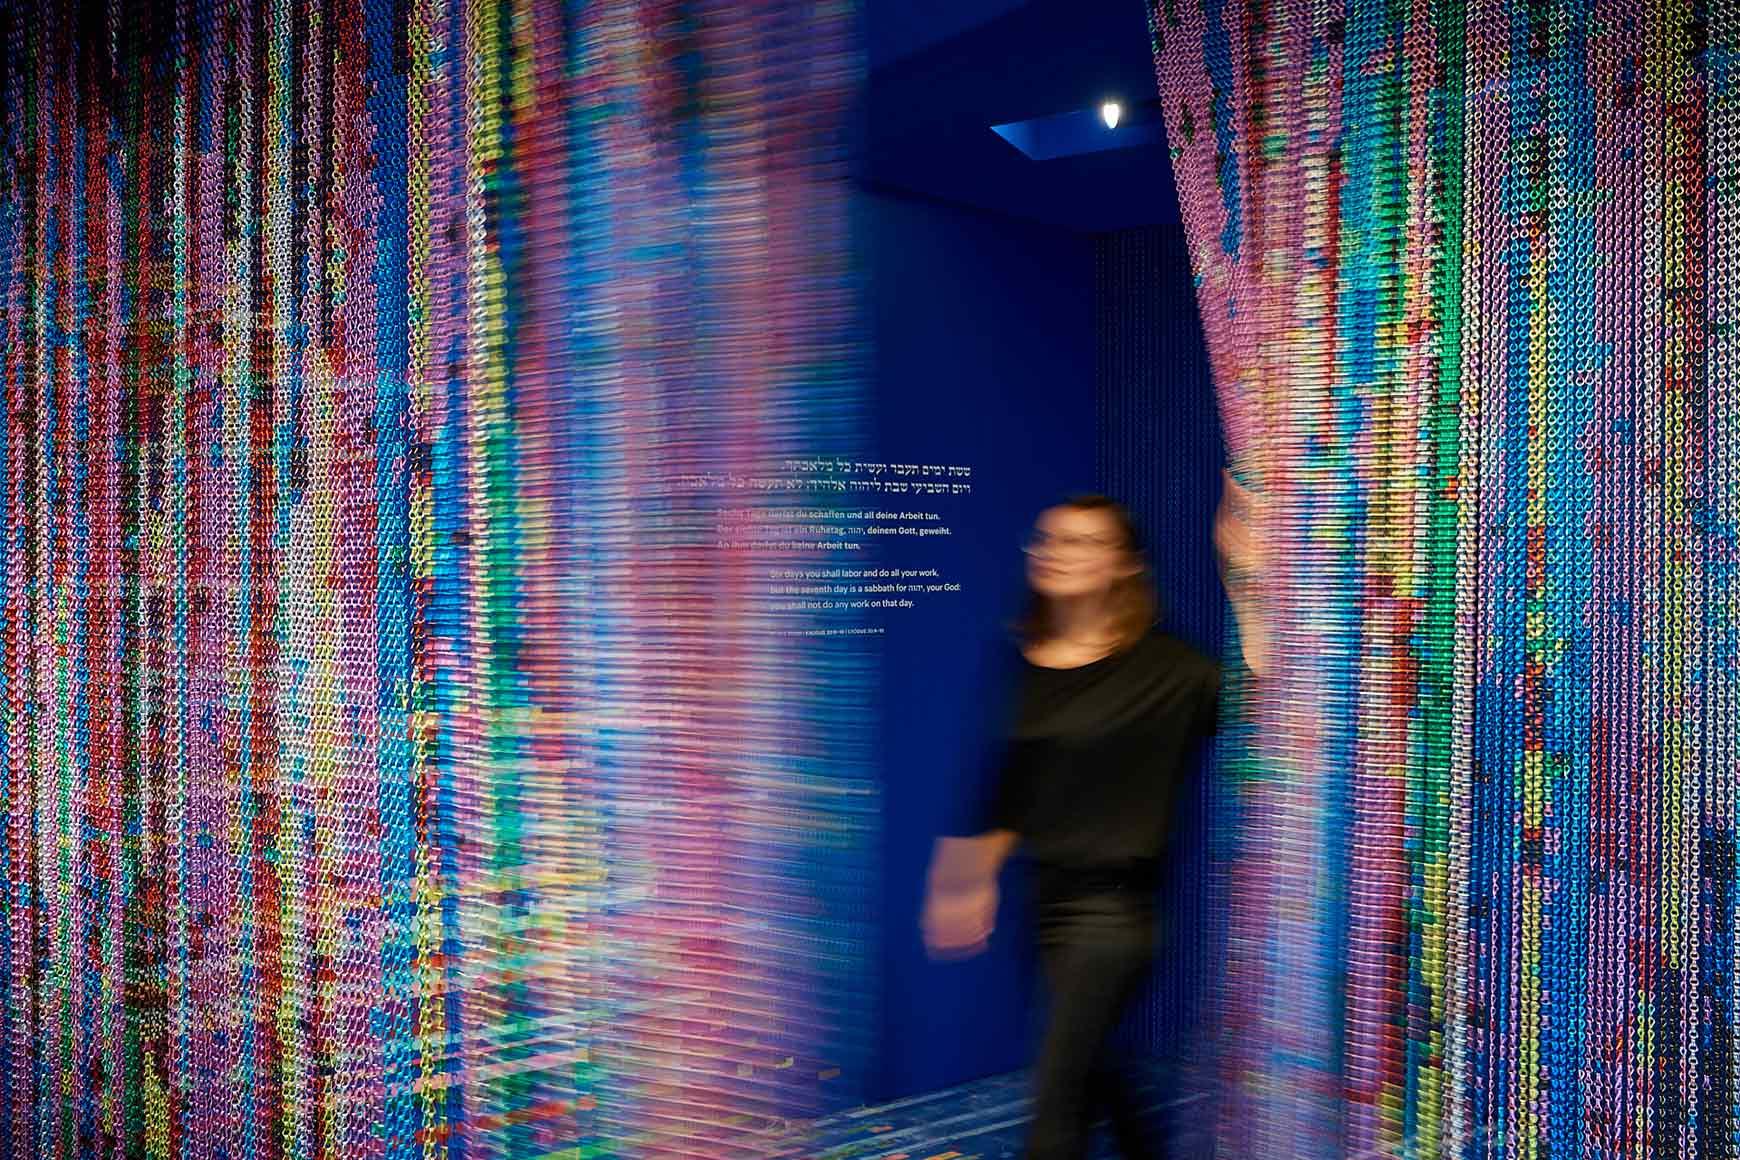 Eine Person geht durch einen bunt glitzernden Vorhang, auf der Wand das Gebot am siebten Tage zu ruhen (auf Hebräisch, Deutsch und Englisch)